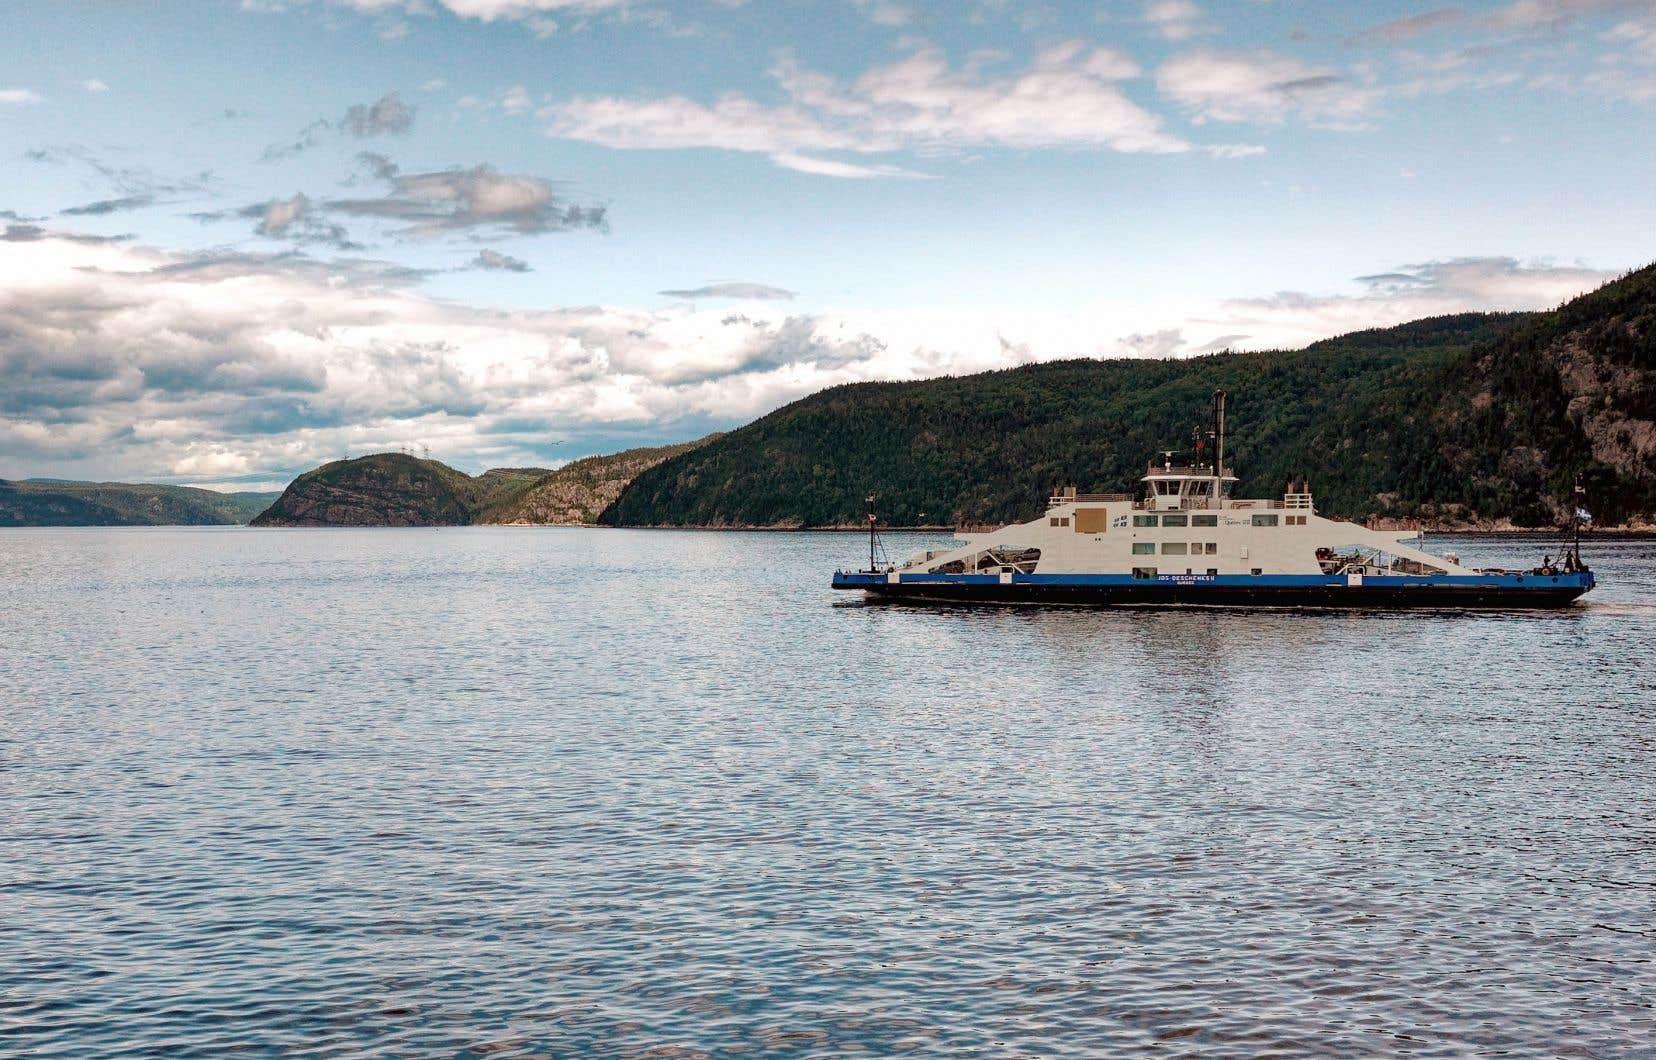 «En amont», soit avant même que le gaz ne soit liquéfié, le projet Énergie Saguenay émettrait 7,1 millions de tonnes de gaz à effet de serre par année.